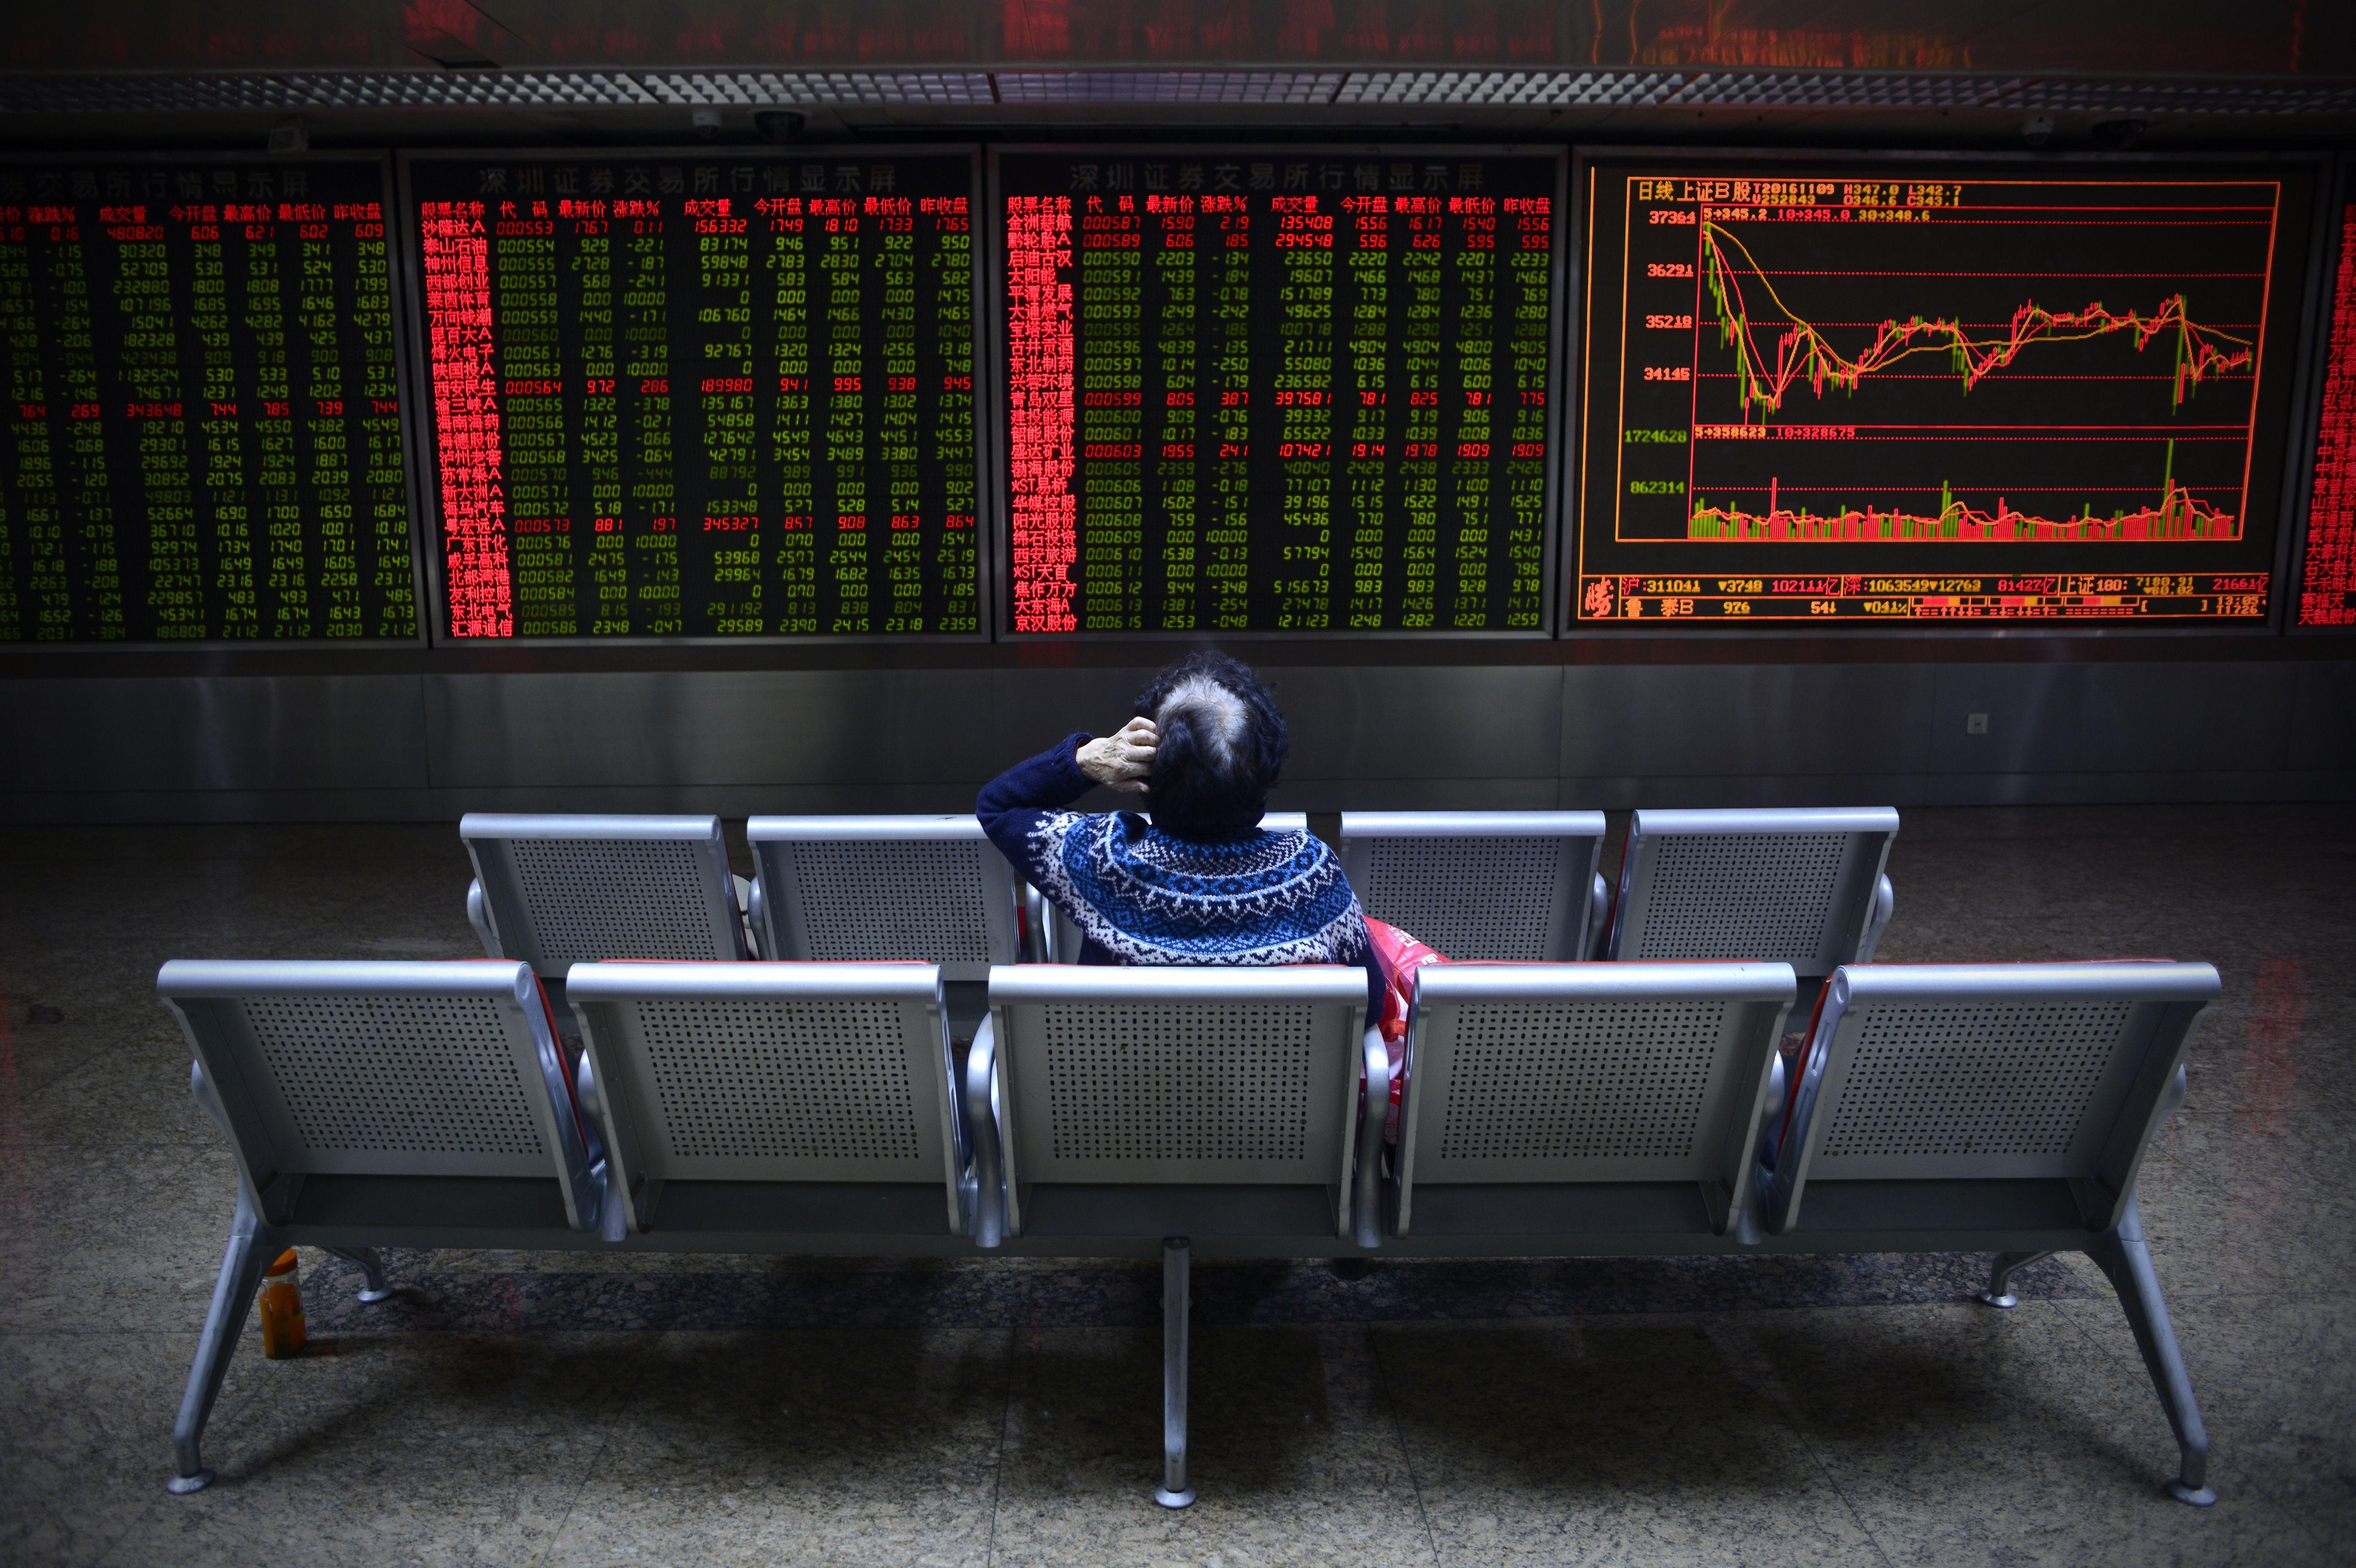 株式指数の開発・算出を手掛ける米MSCIはこのほど、中国本土人民元建て株式(A株)市場に上場する企業に対して、株式の取引停止が長く続くとMSCI新興市場指数から除外すると警告した。(Photo credit should read WANG ZHAO/AFP/Getty Images)